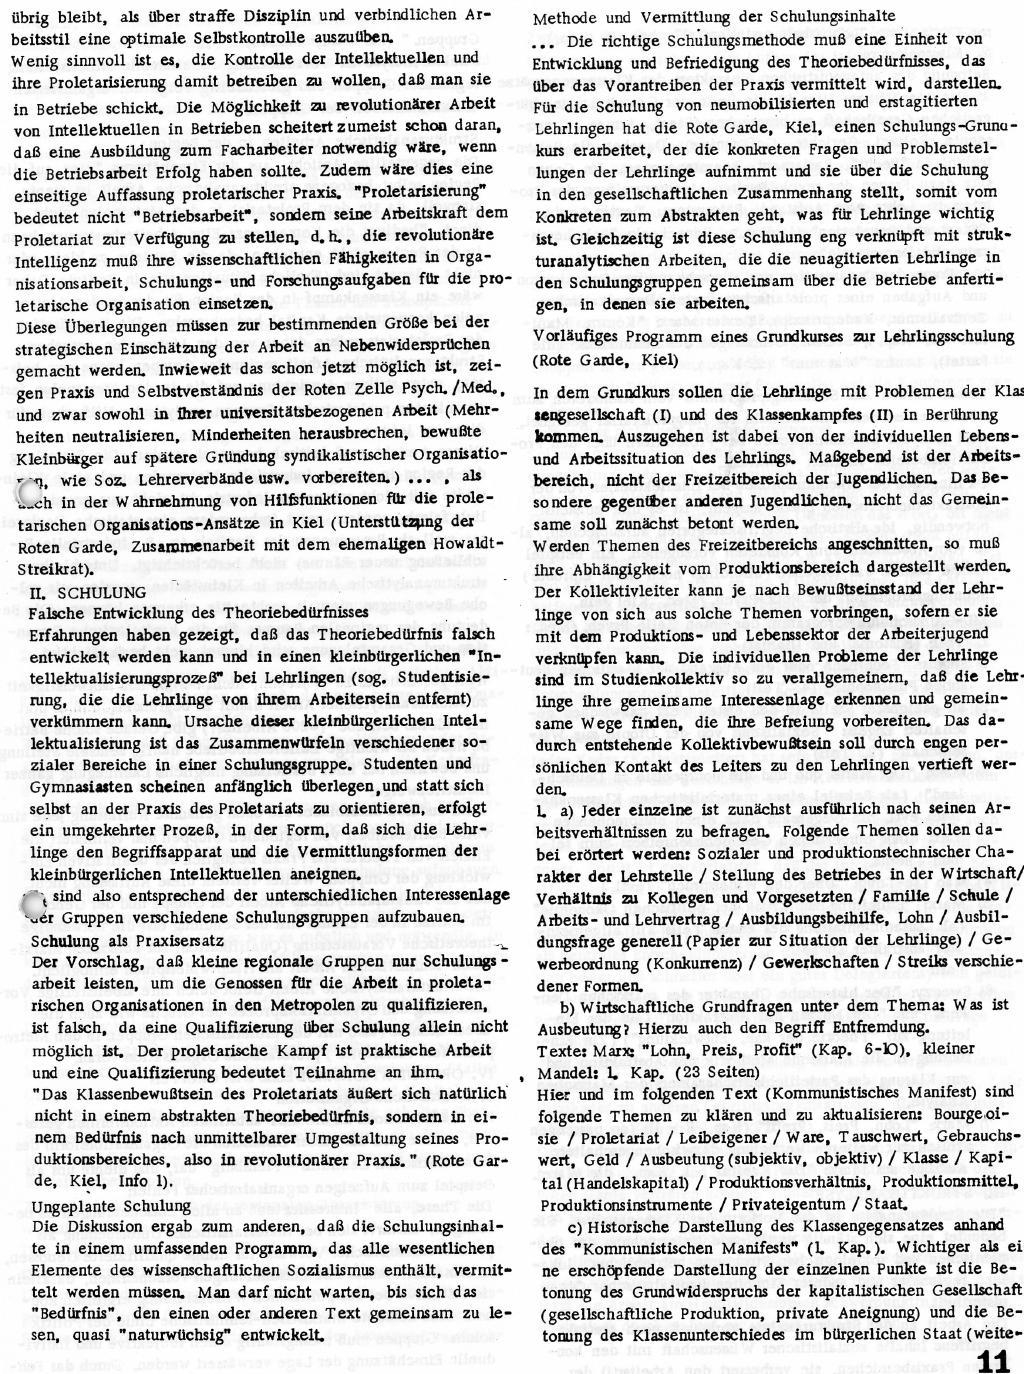 RPK_1970_053_11